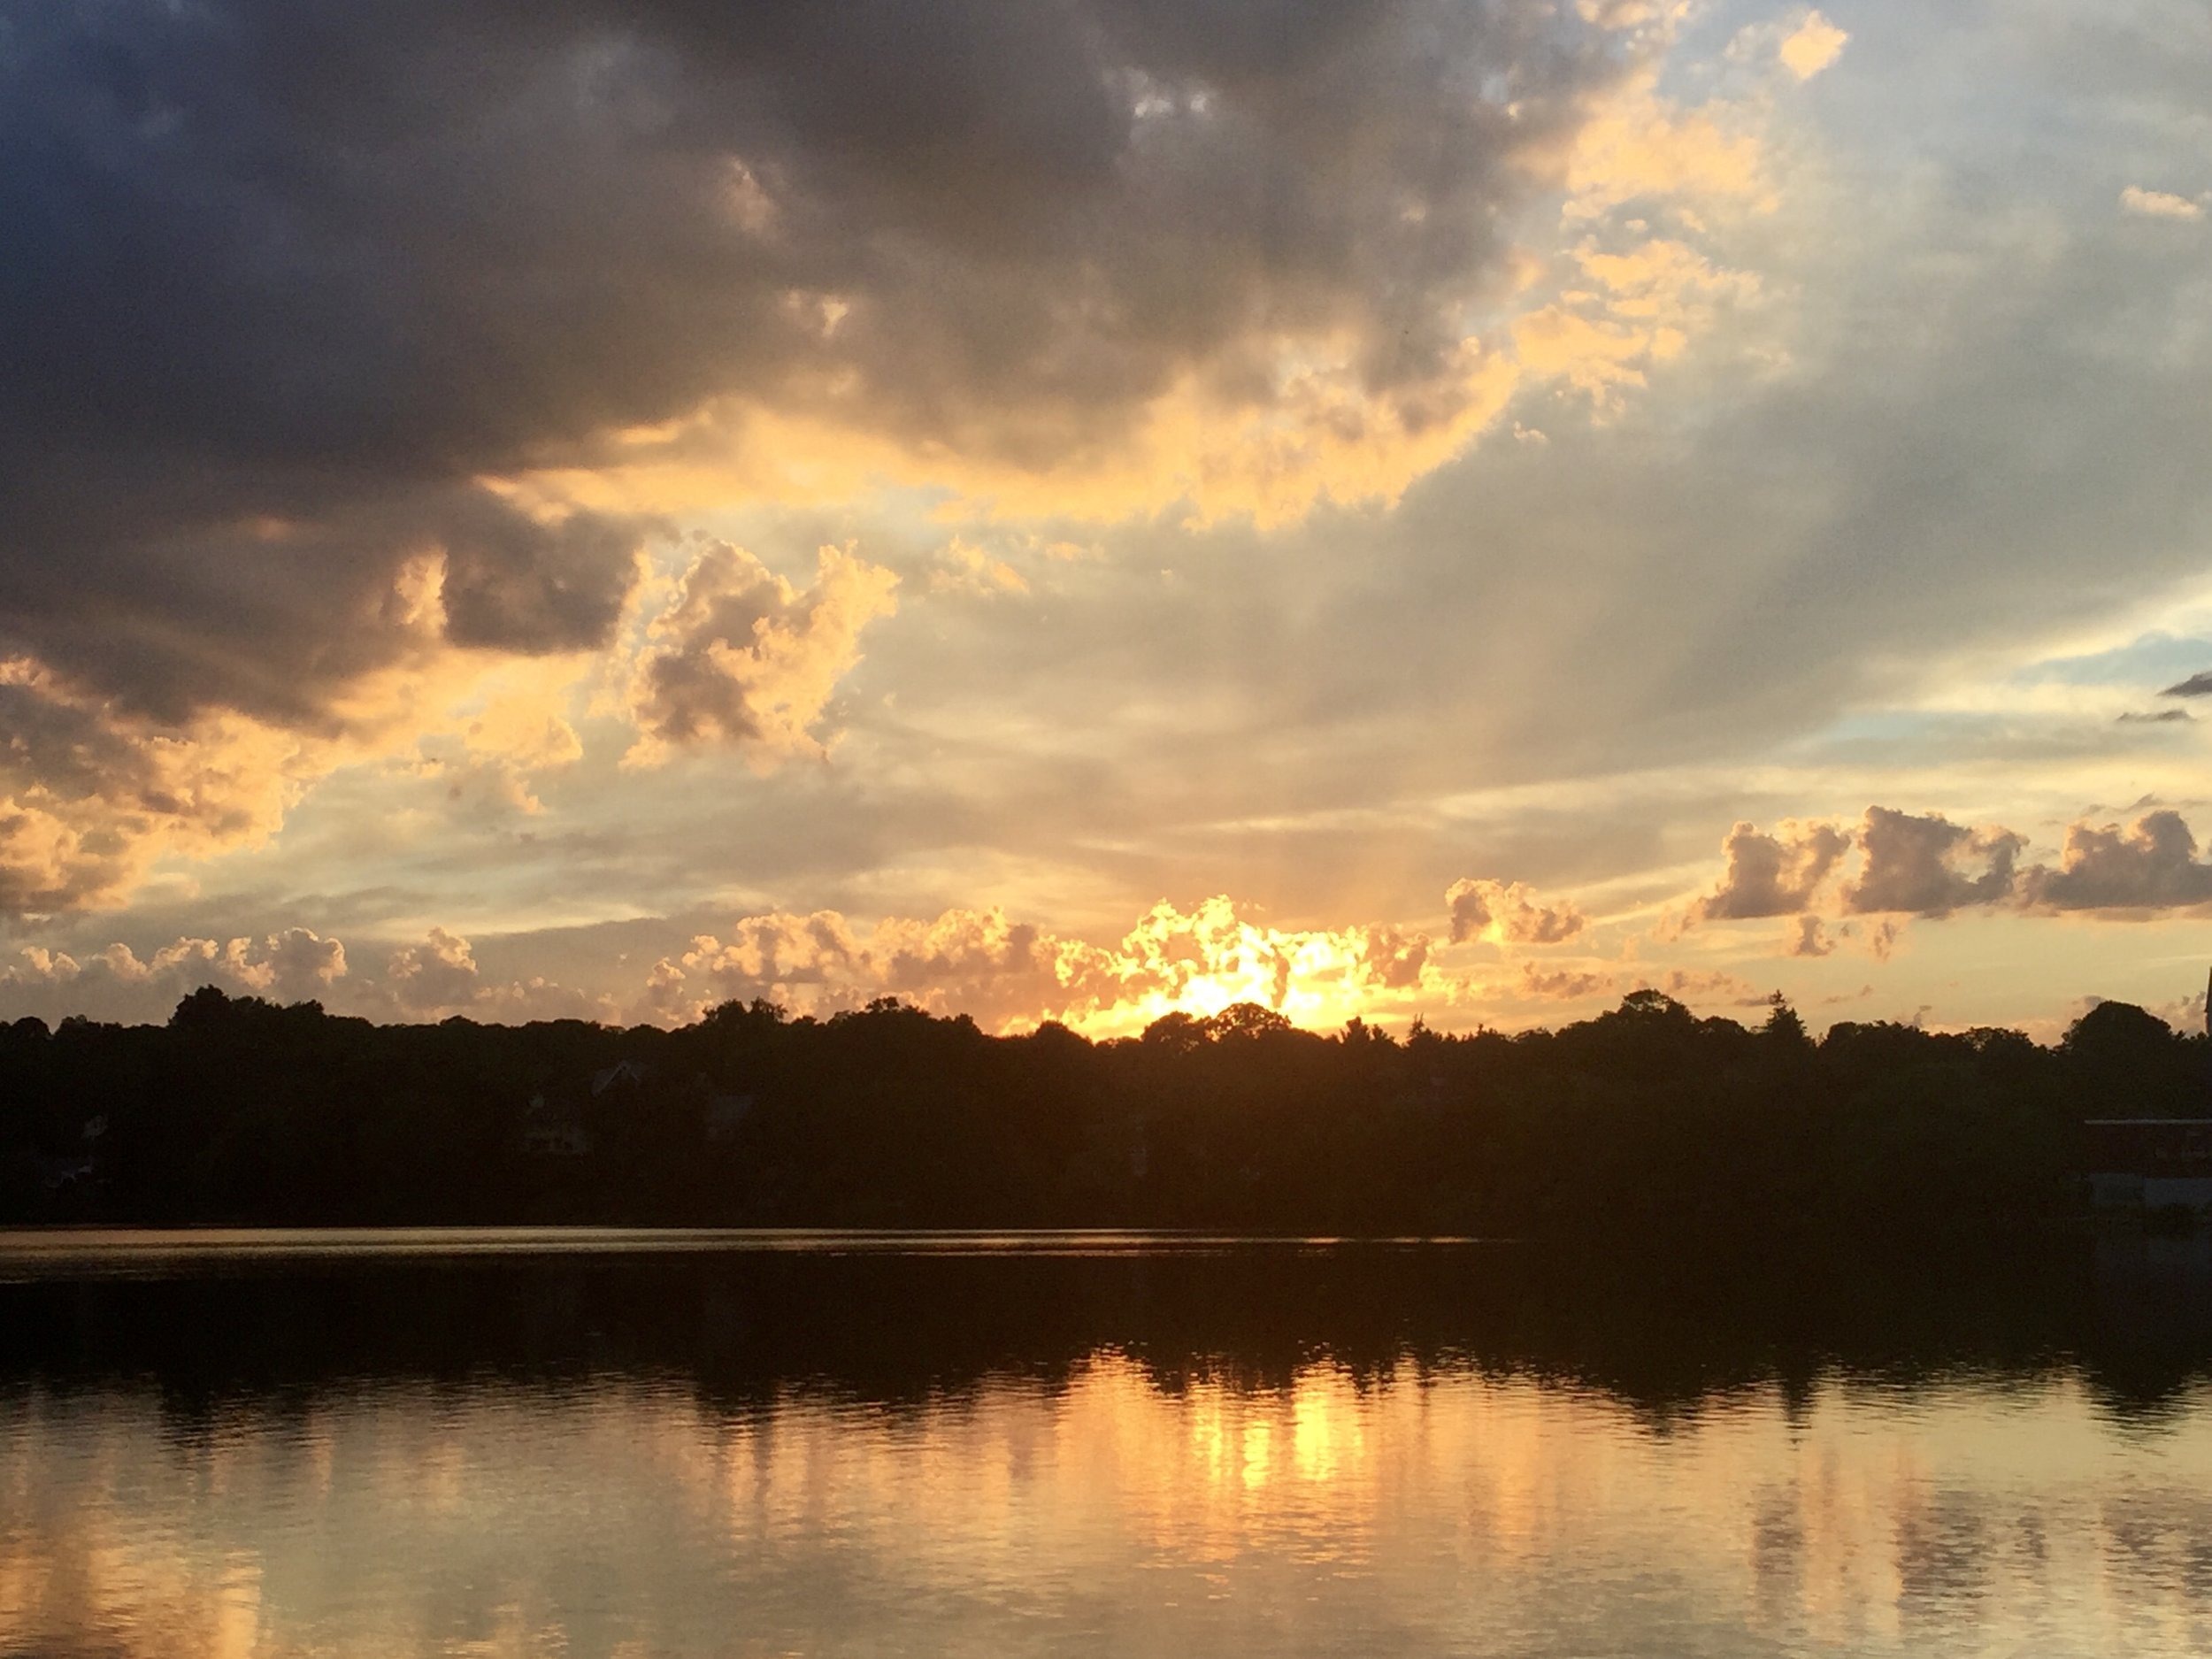 Sunset over Spy Pond